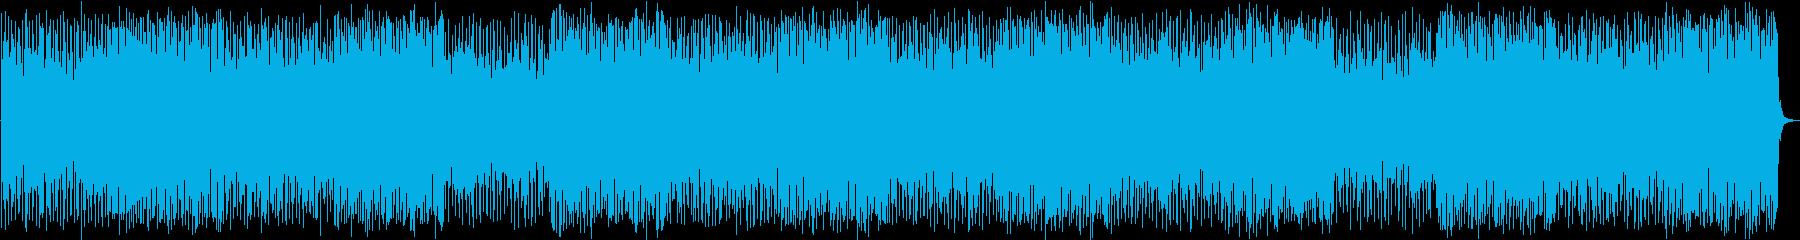 元気でポップで可愛らしいBGMの再生済みの波形